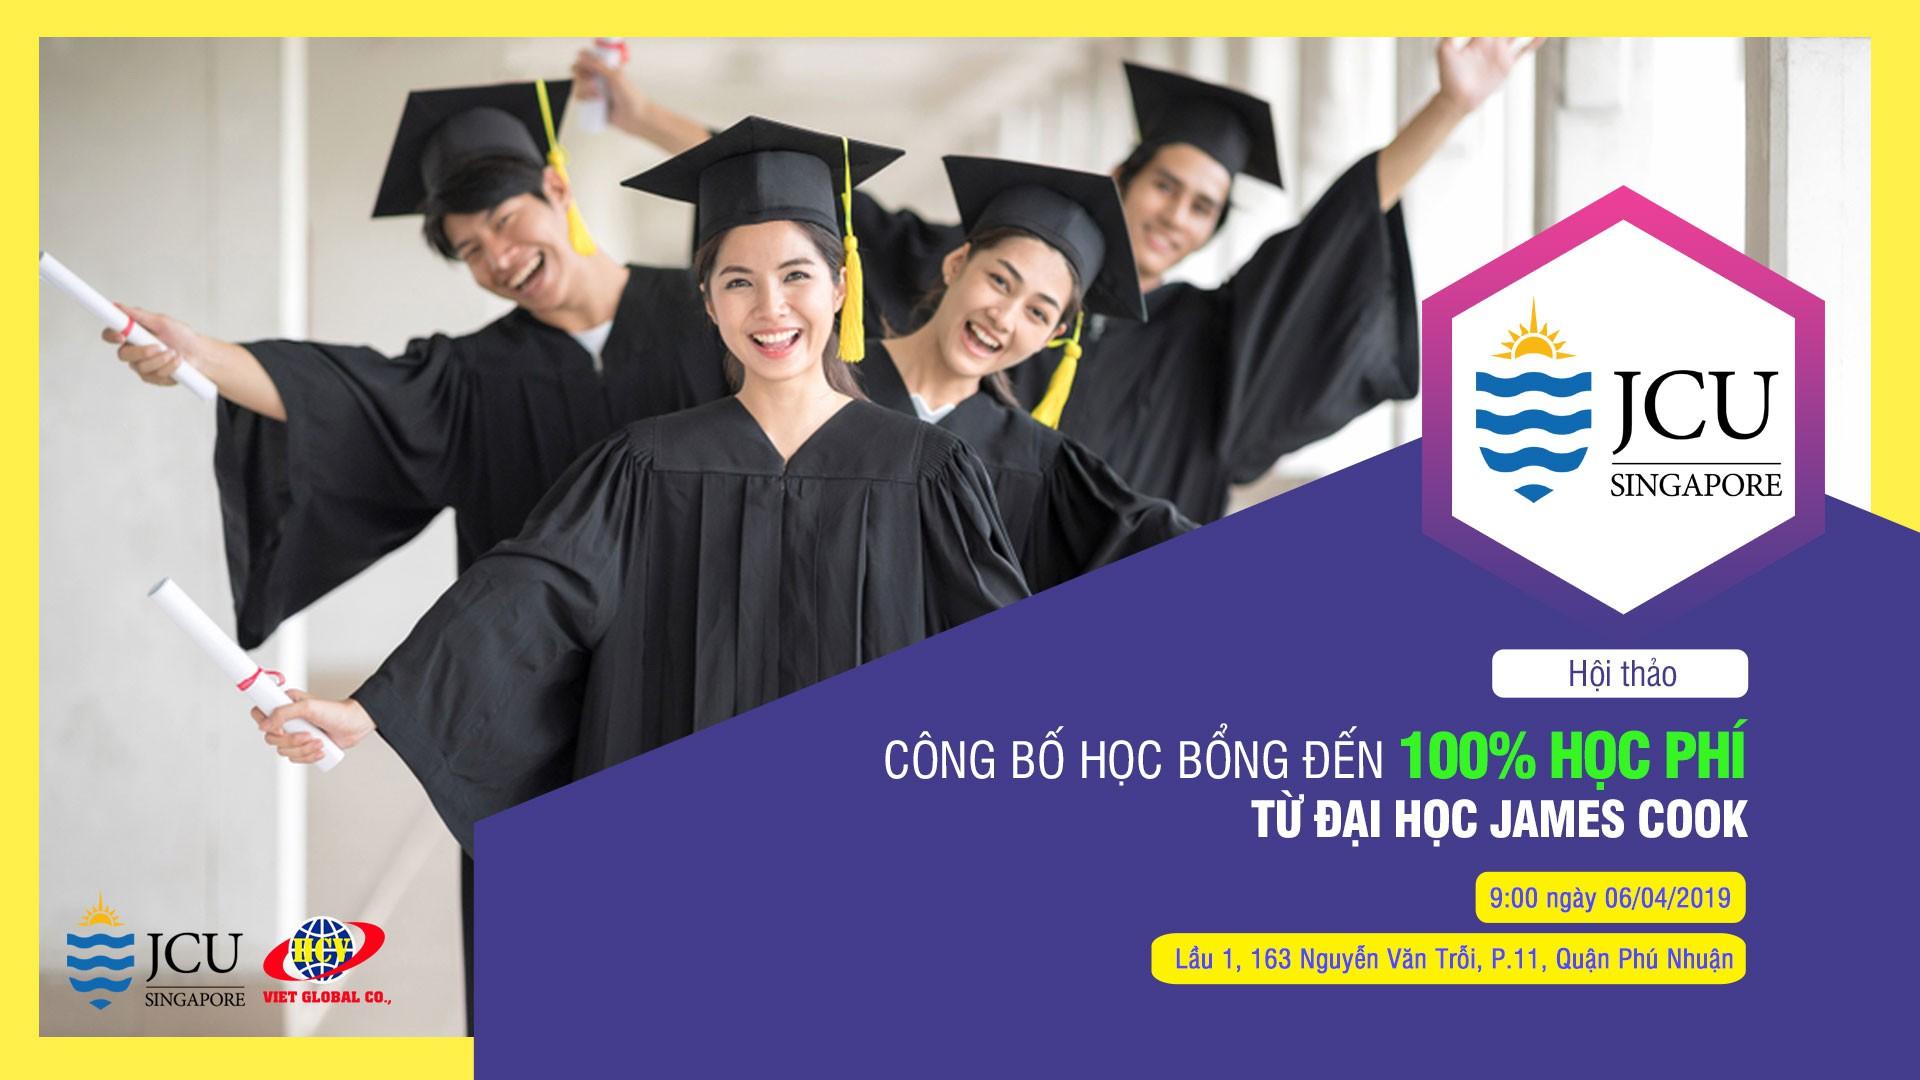 Hội thảo du học Singapore: Công bố học bổng 100% học phí từ Đại học James Cook - Ảnh 1.